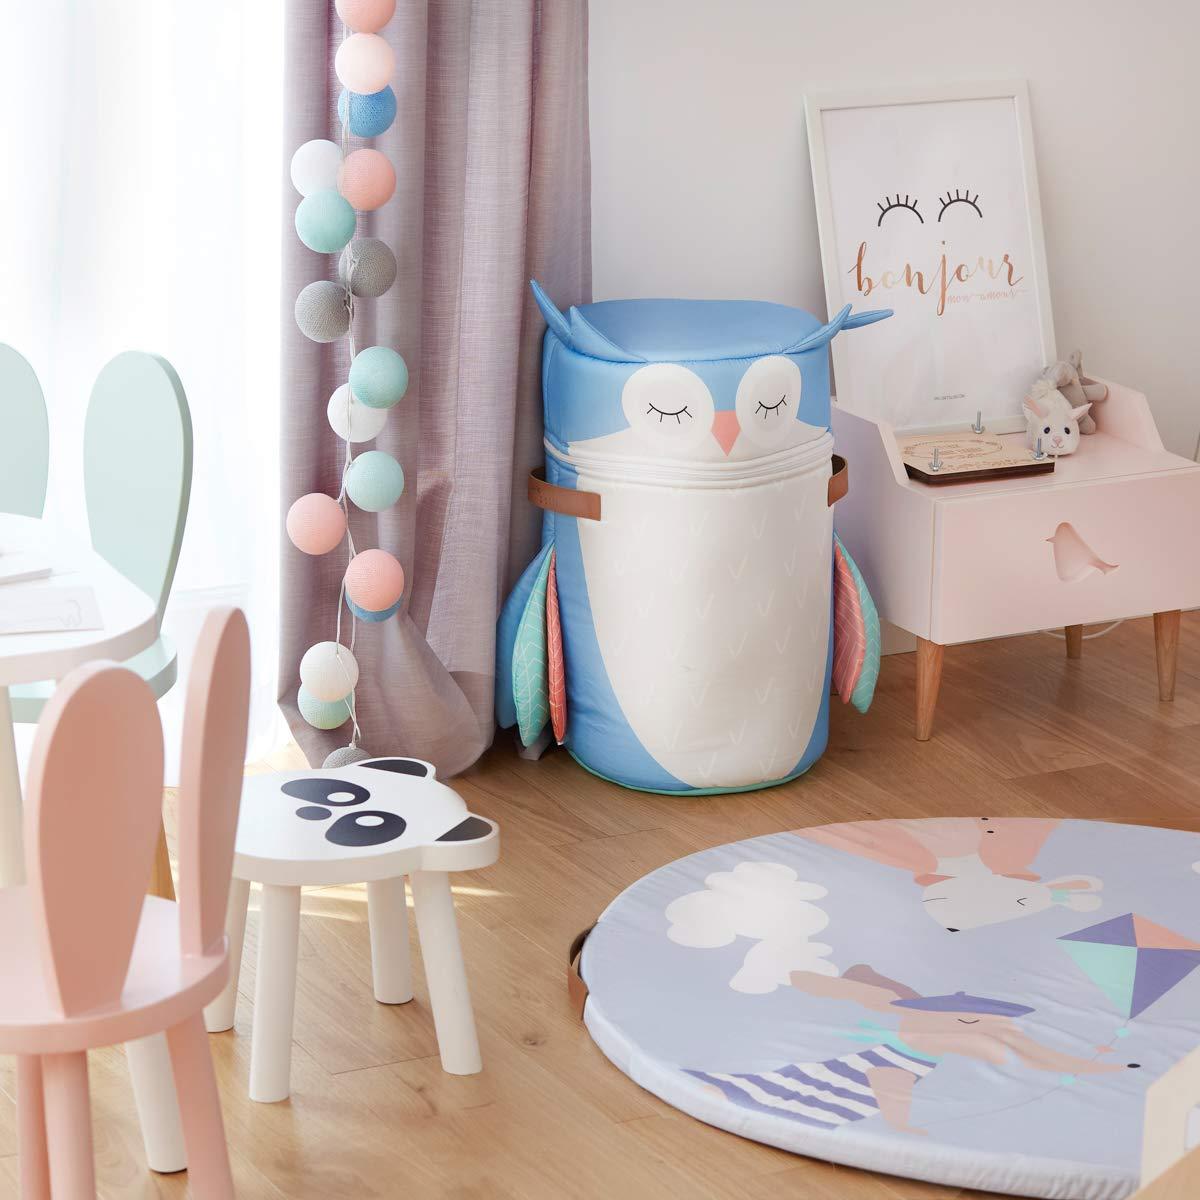 W/äschekorb Kinderzimmer Organizer F/ür Baby Spielzeug Aufbewahrungsbox Kinder Mit Deckel F/ür Kinderzimmer Deko Sophia Eule M/ädchen Spielzeug Junge Spielzeug NOLLI POLLI